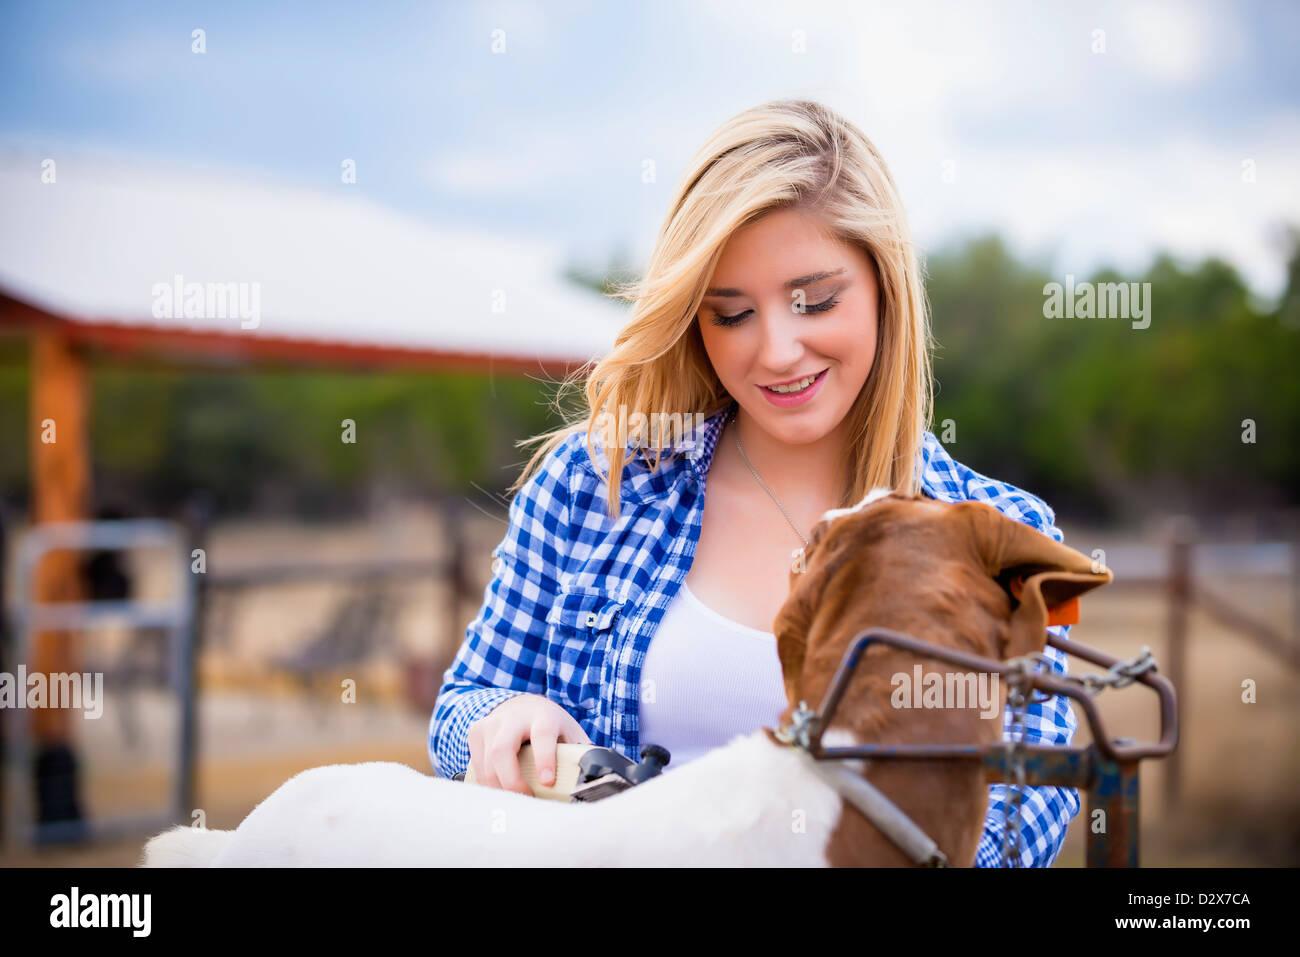 Trabajos agrícolas - joven mujer preparando cabra para stock show Imagen De Stock